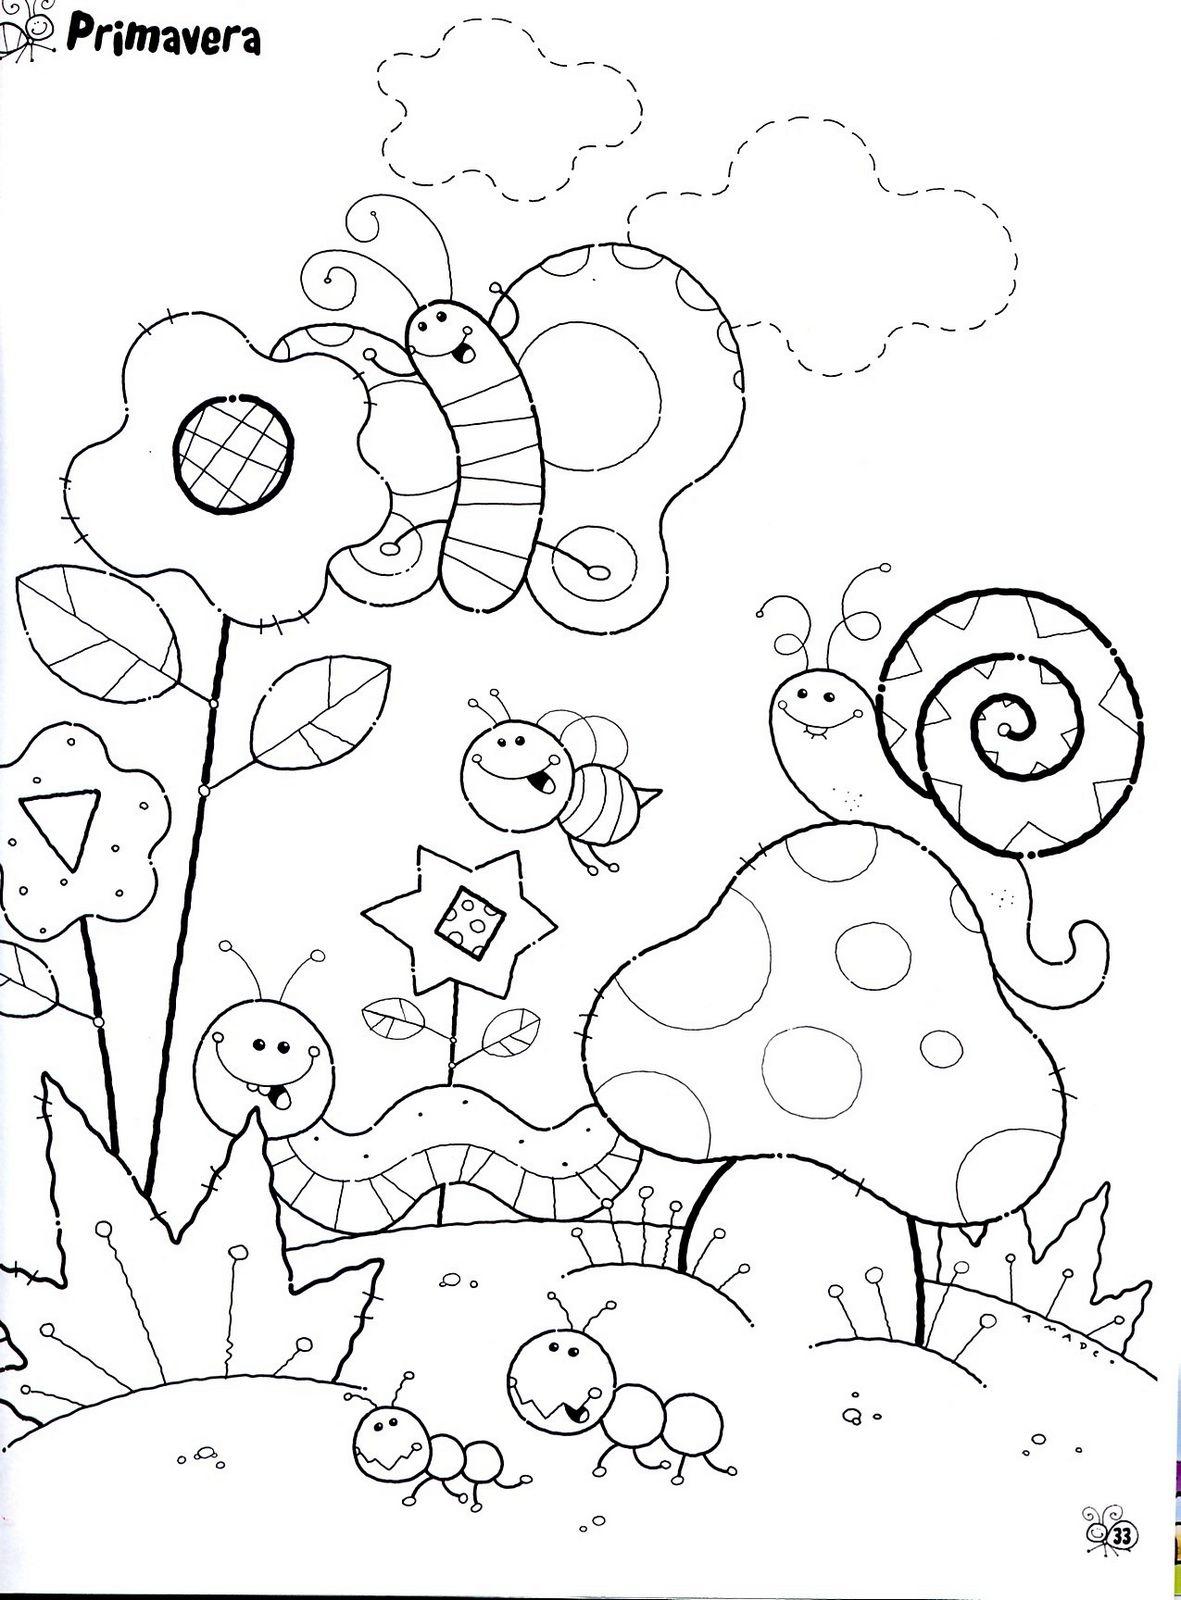 Para Imprimir E Colorir Diversos Desenhos De Caracol Para Imprimir E